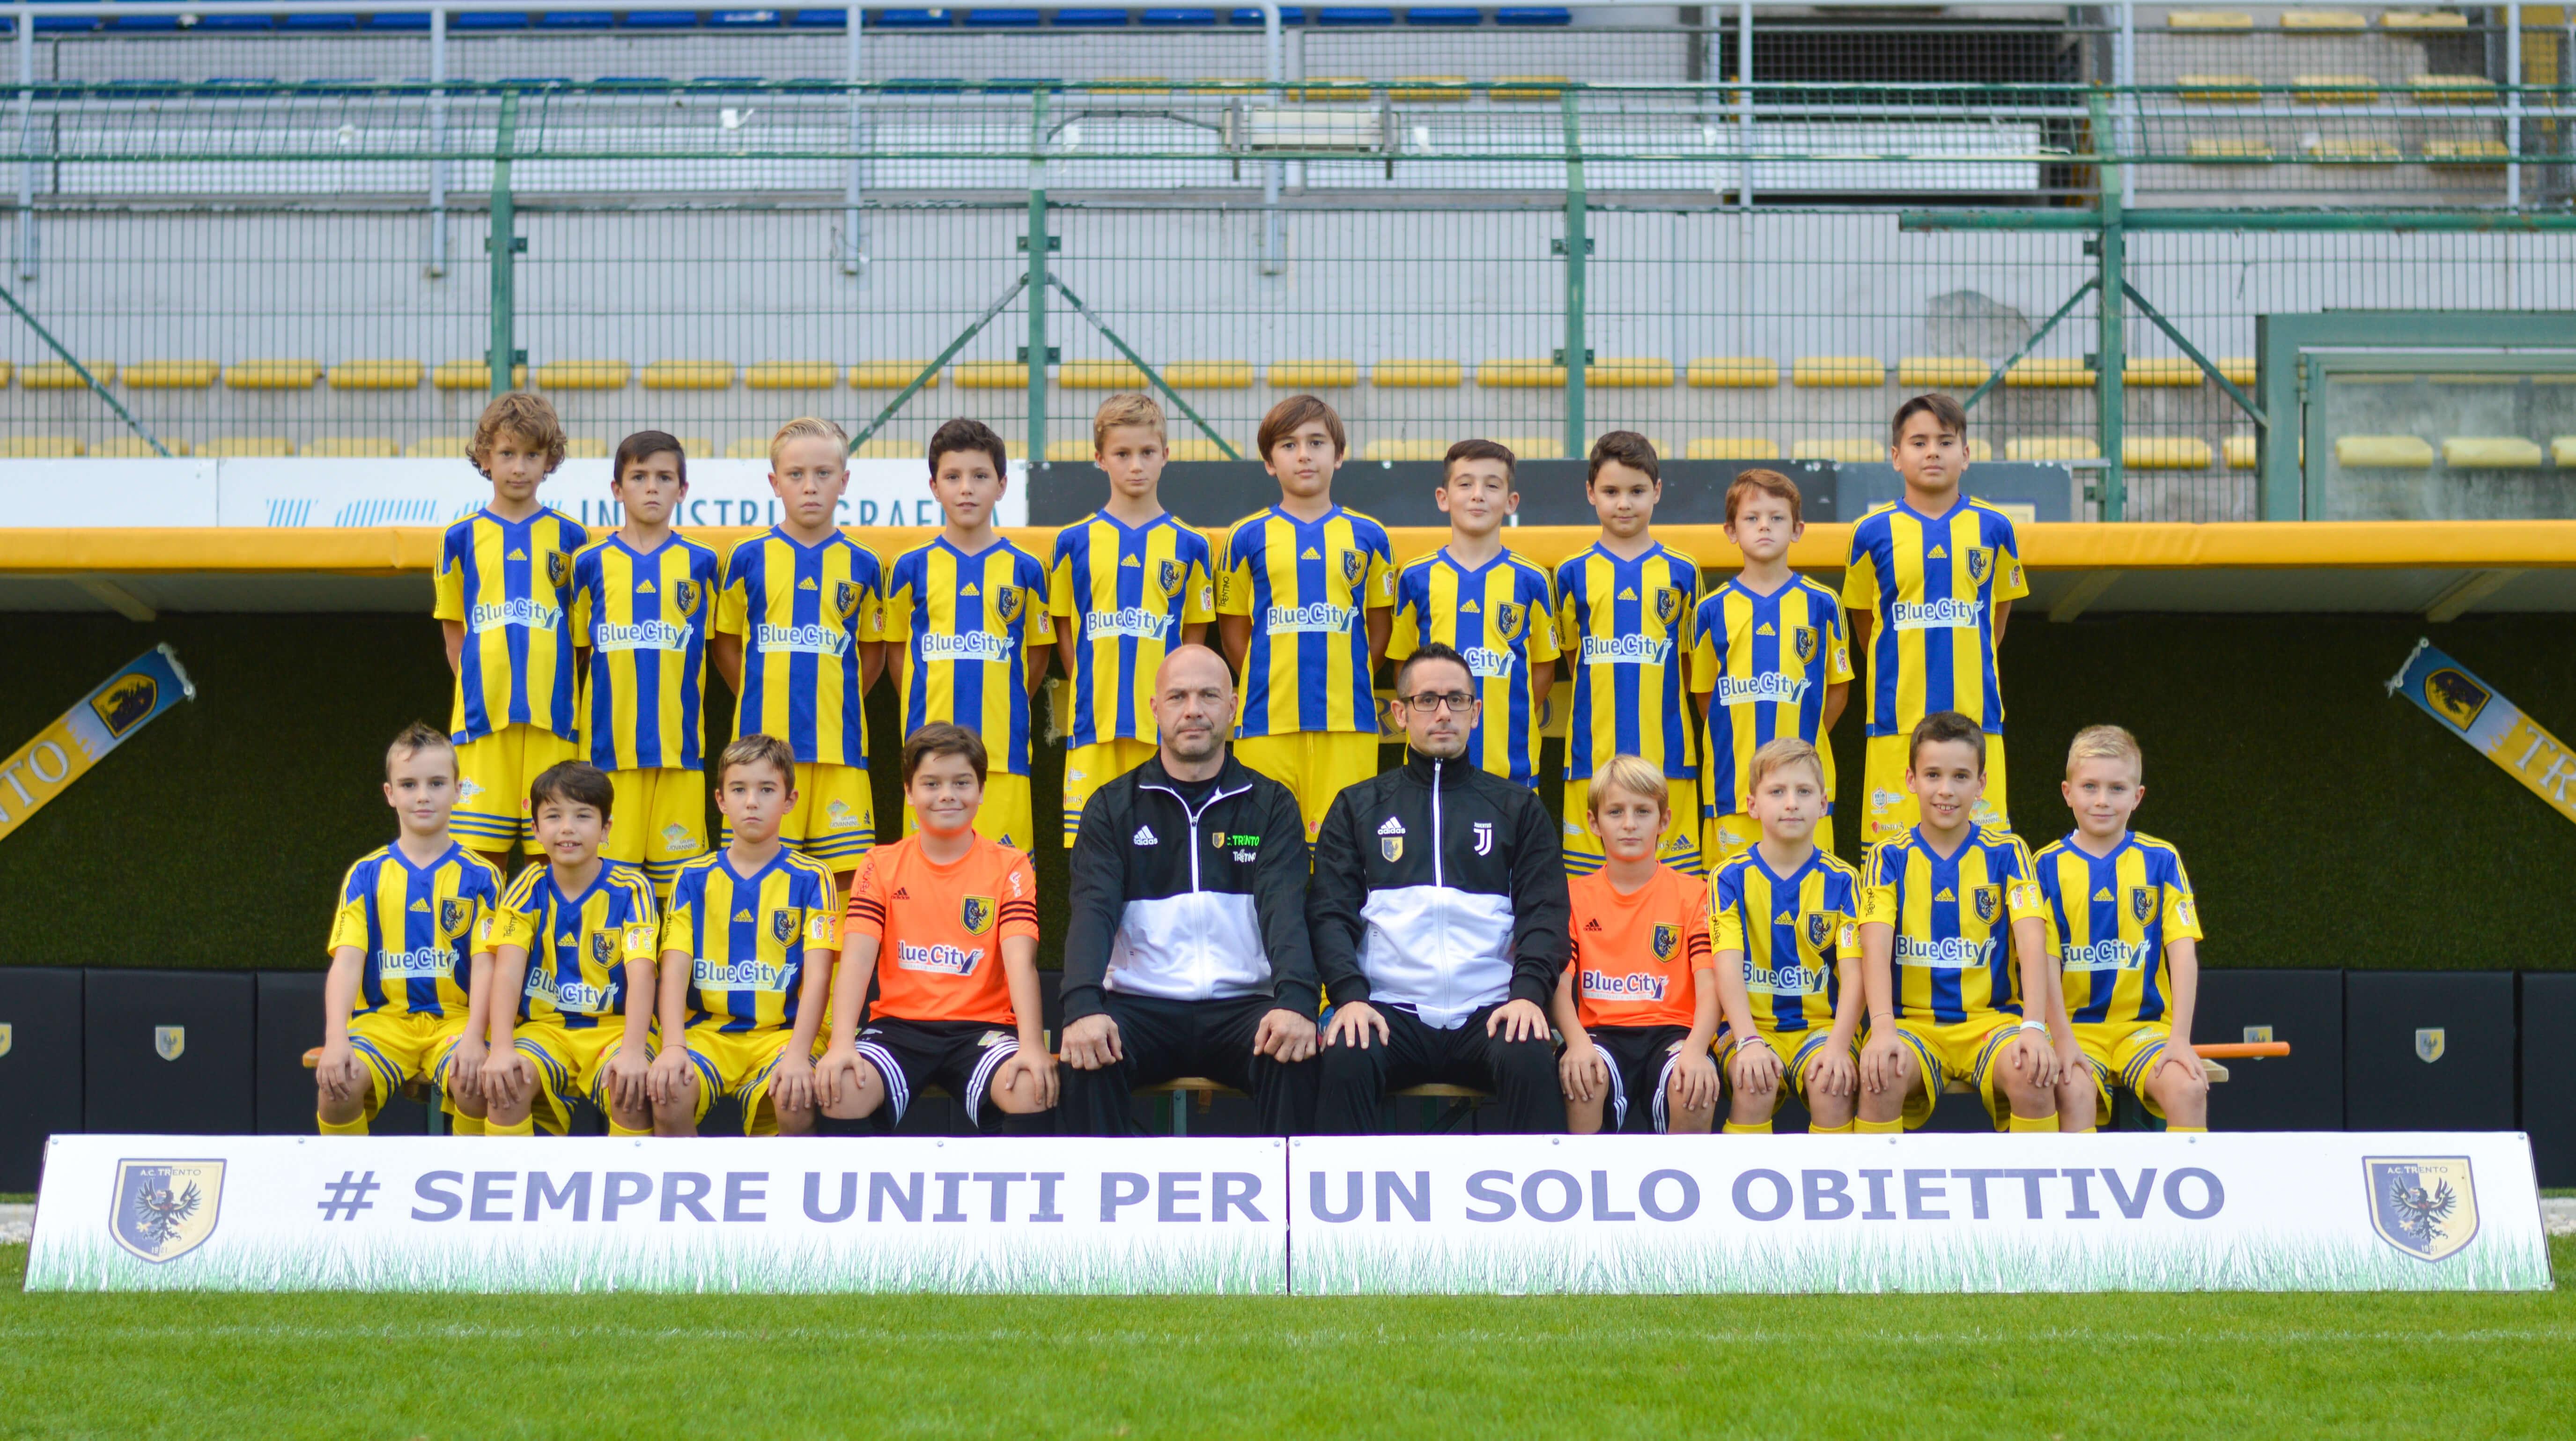 Squadra Pulcini A 2007